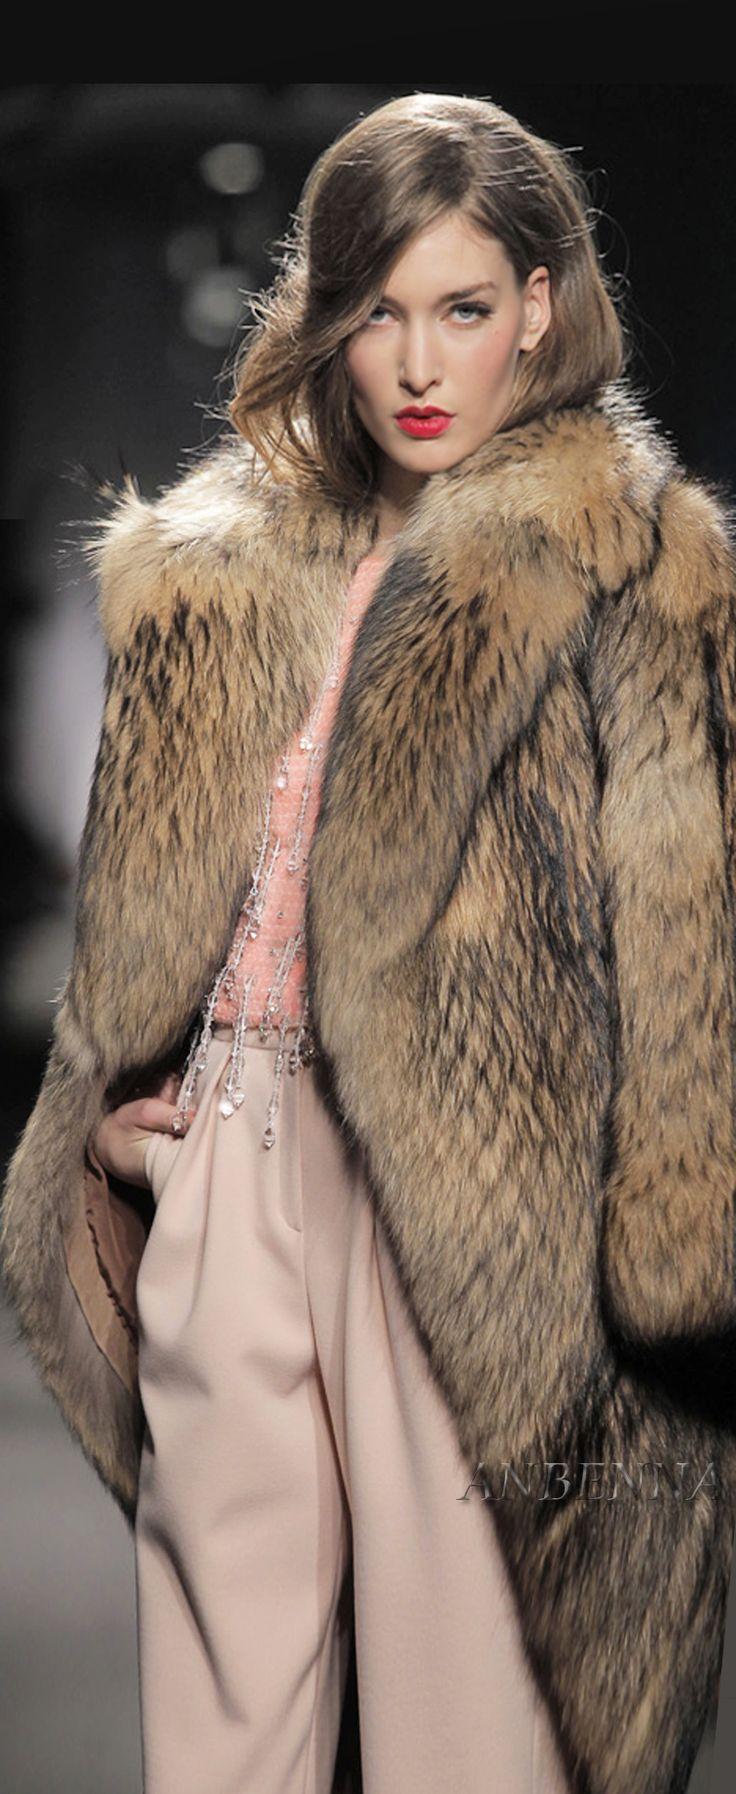 Jorge Vazquez, 2014/15, fake fur